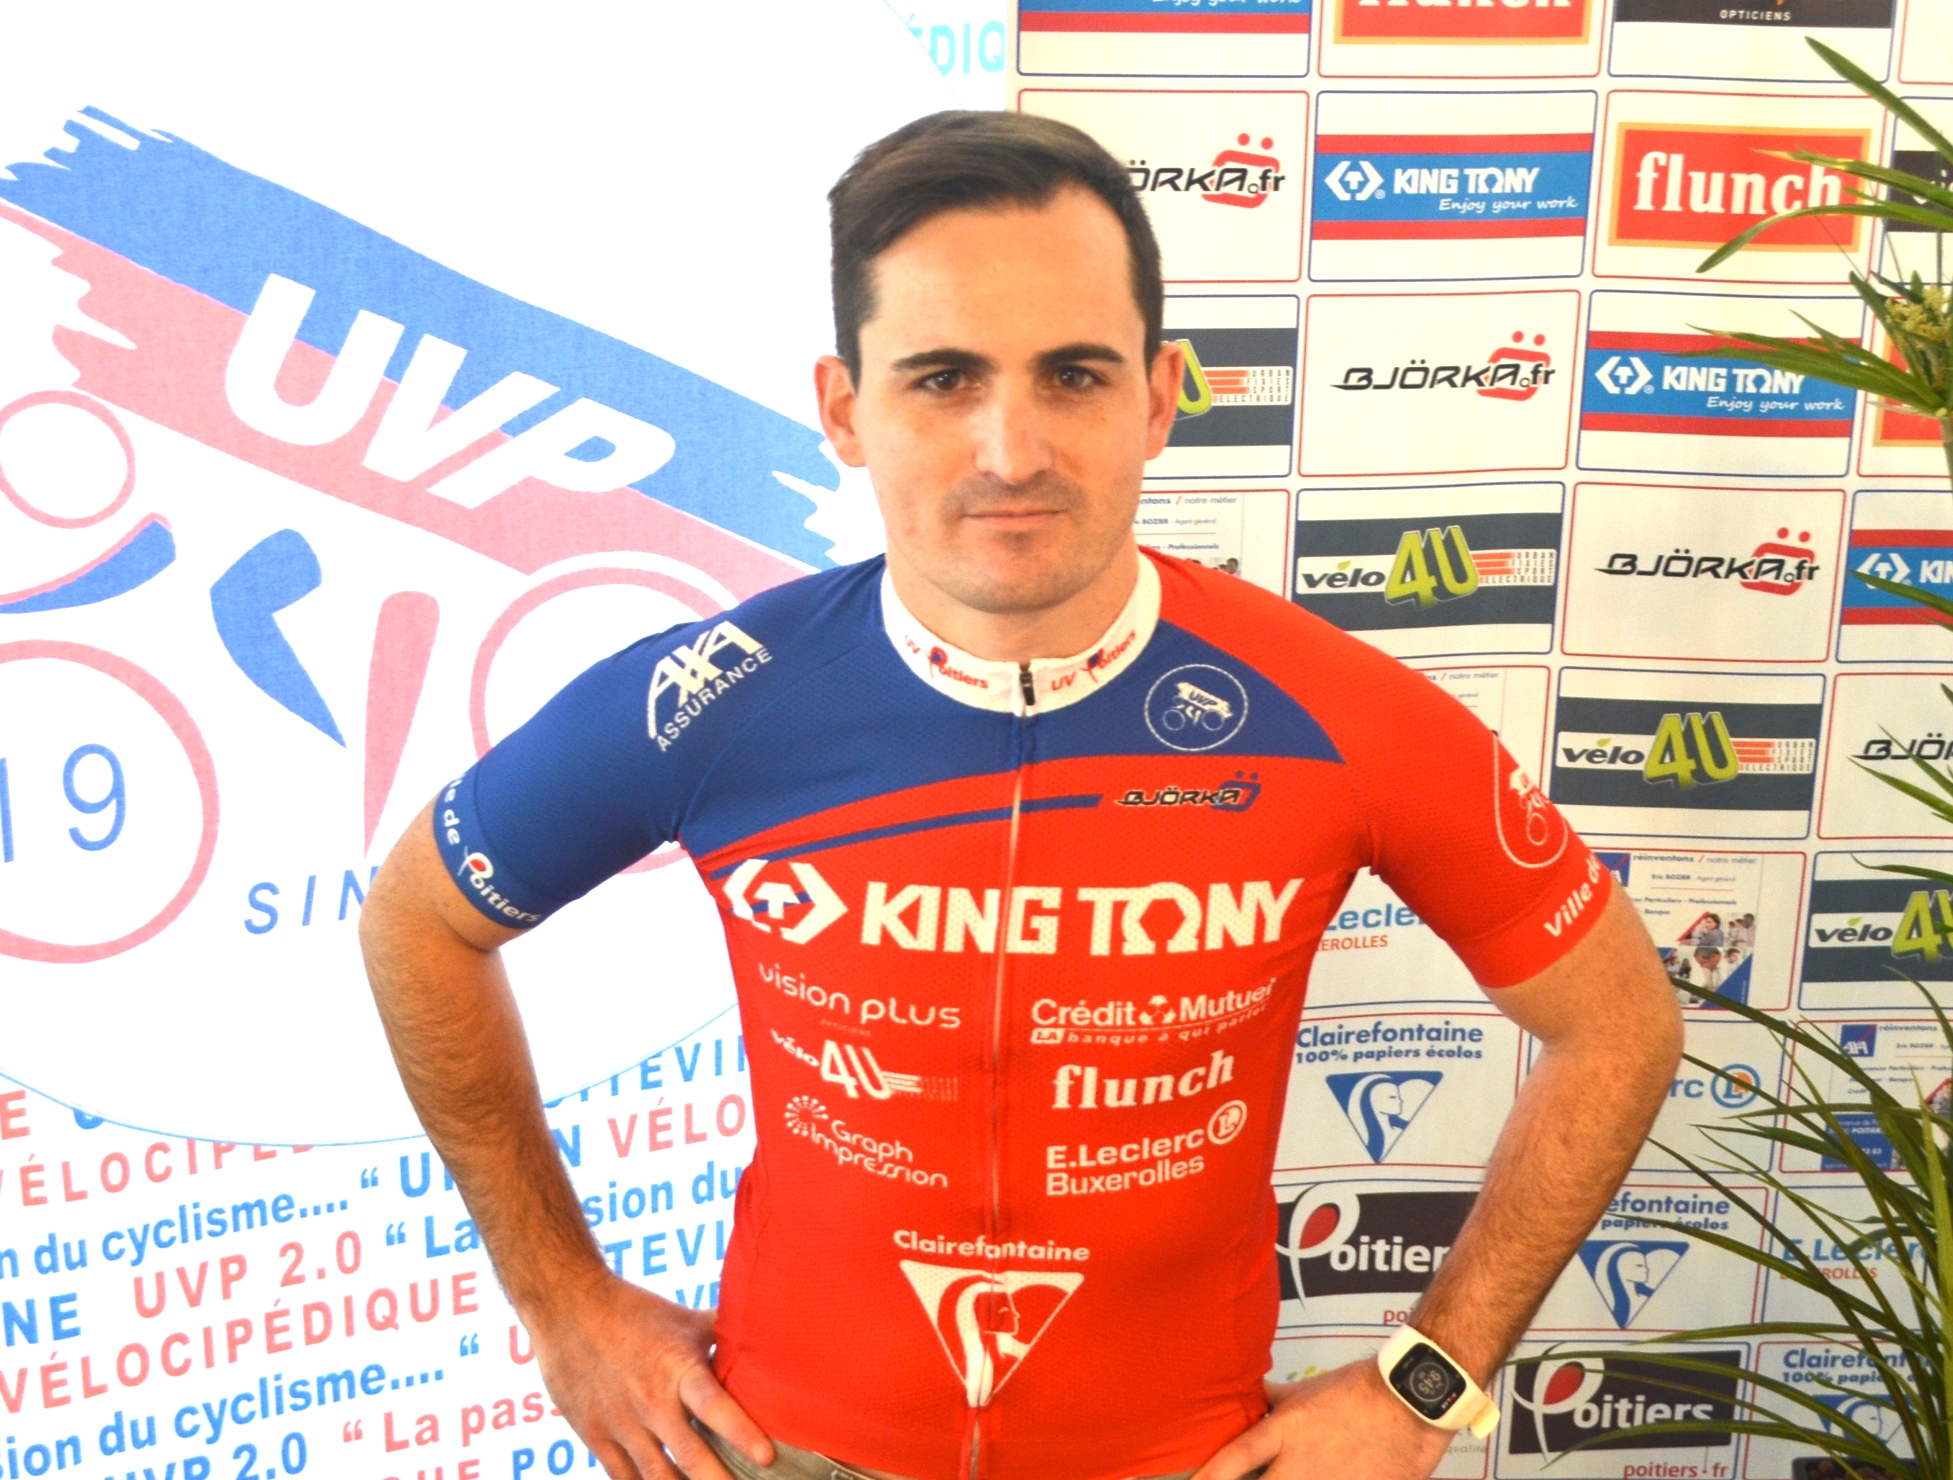 Sébastien FAHY